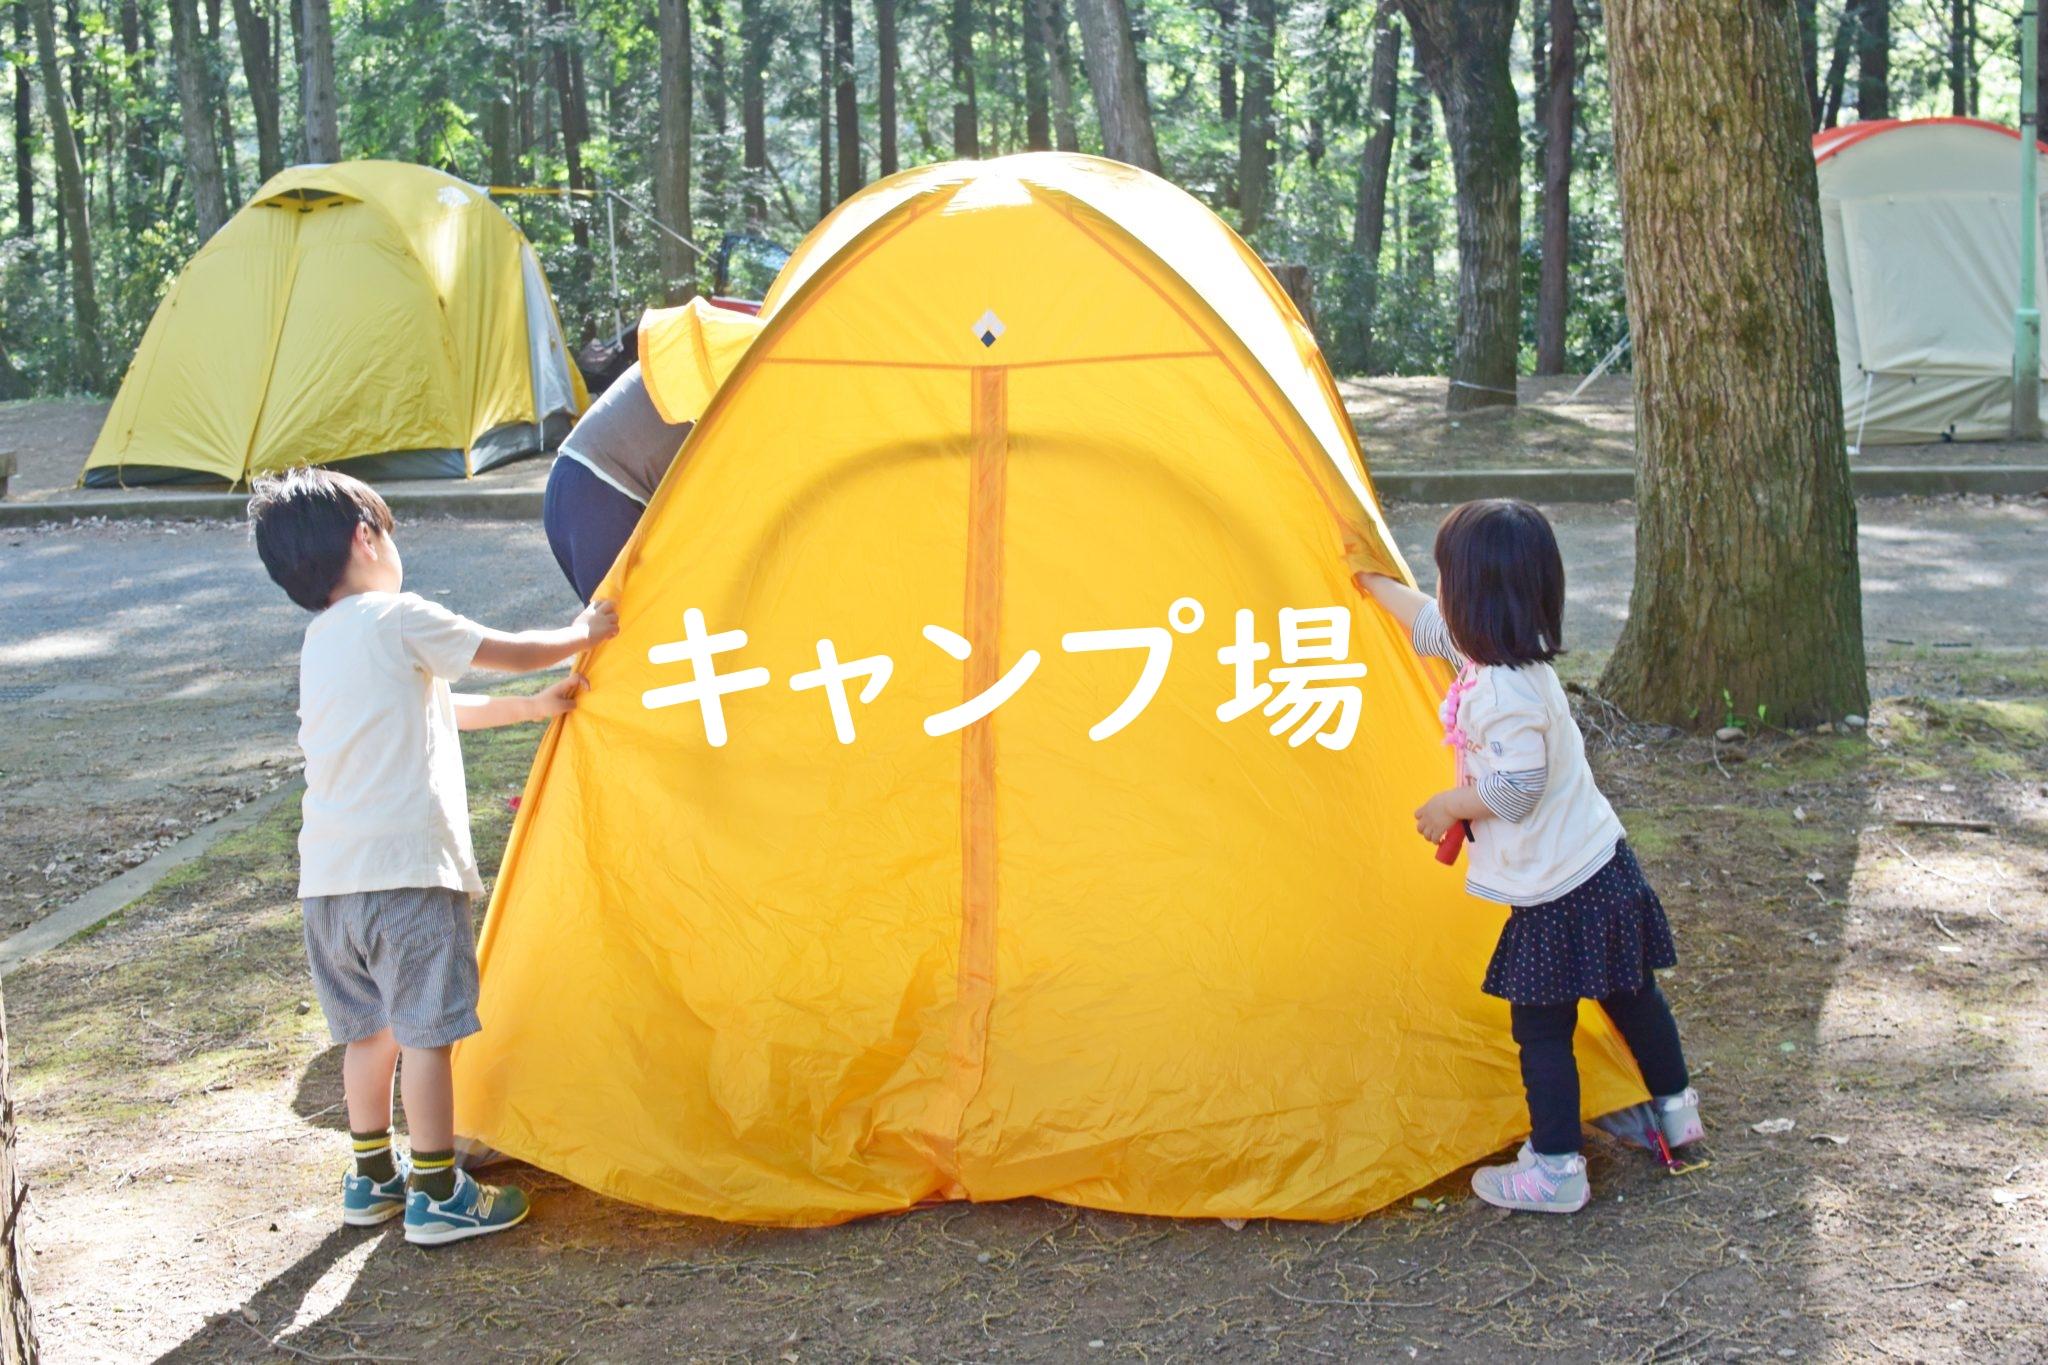 子連れで楽しめる「キャンプ場」レビューまとめ